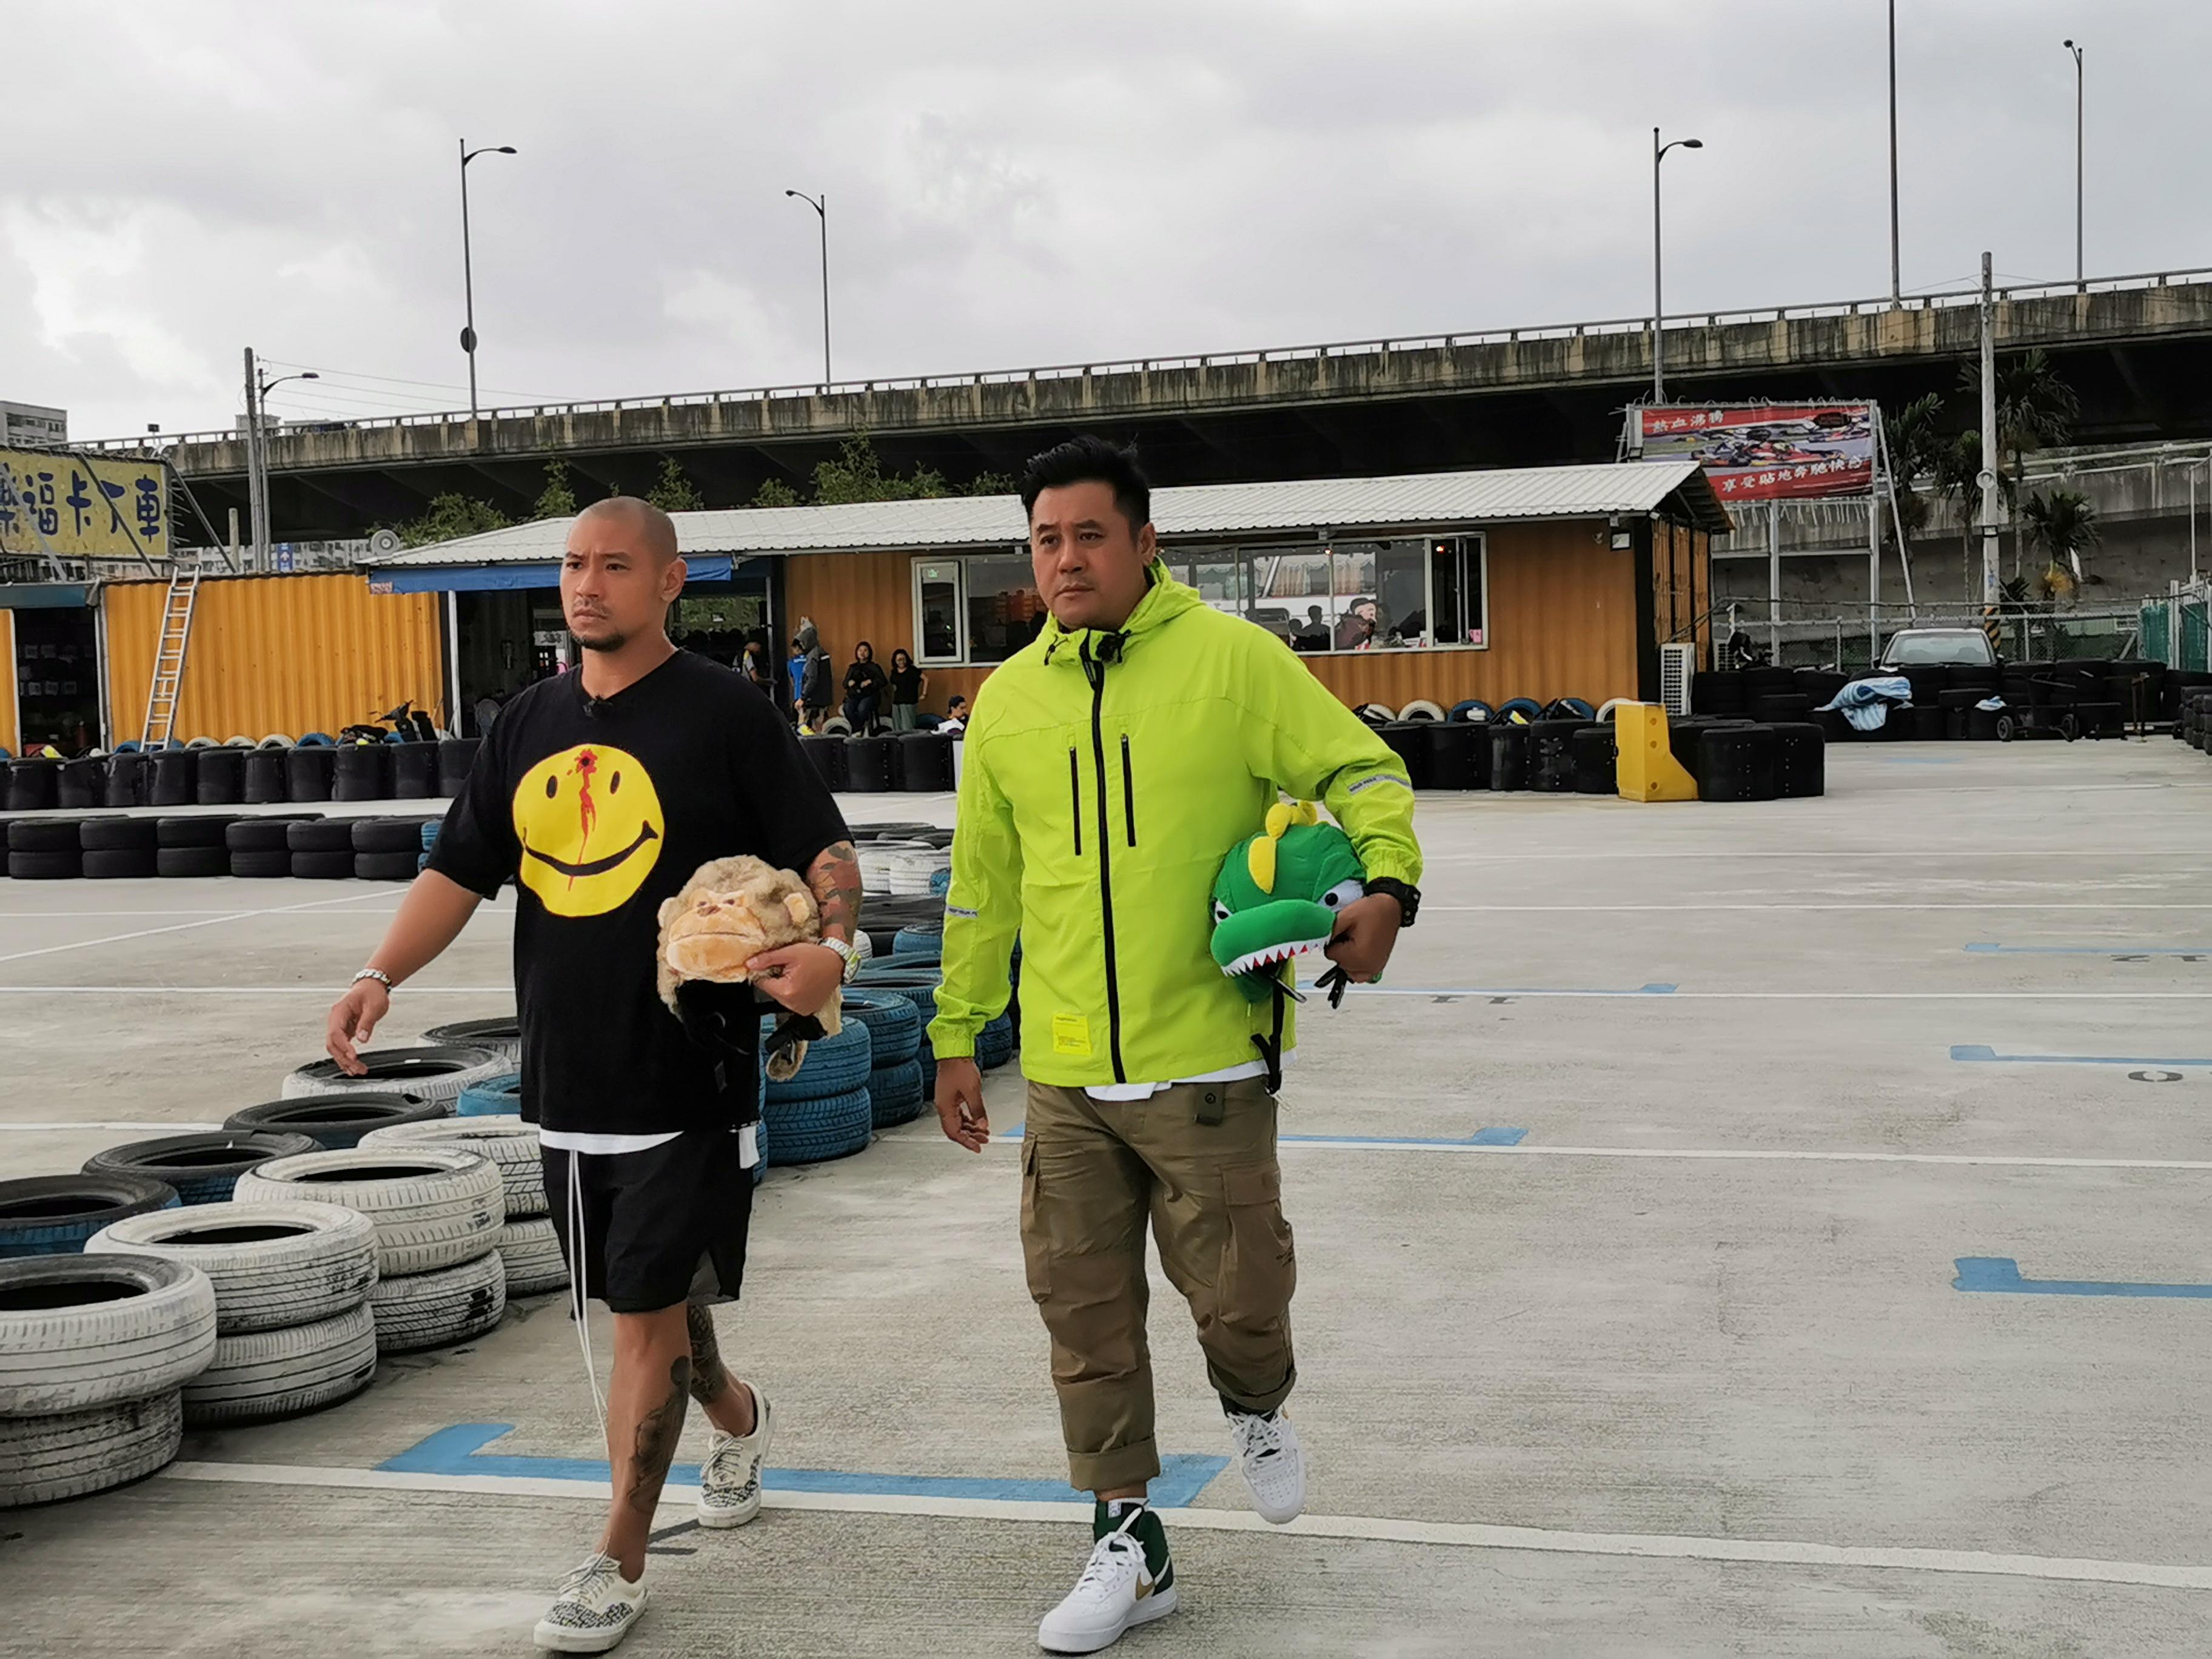 麥長青和金剛過檔ViuTV主持旅遊節目《C9旅行團》,大讚尺度比無綫大,任得他們自由發揮。